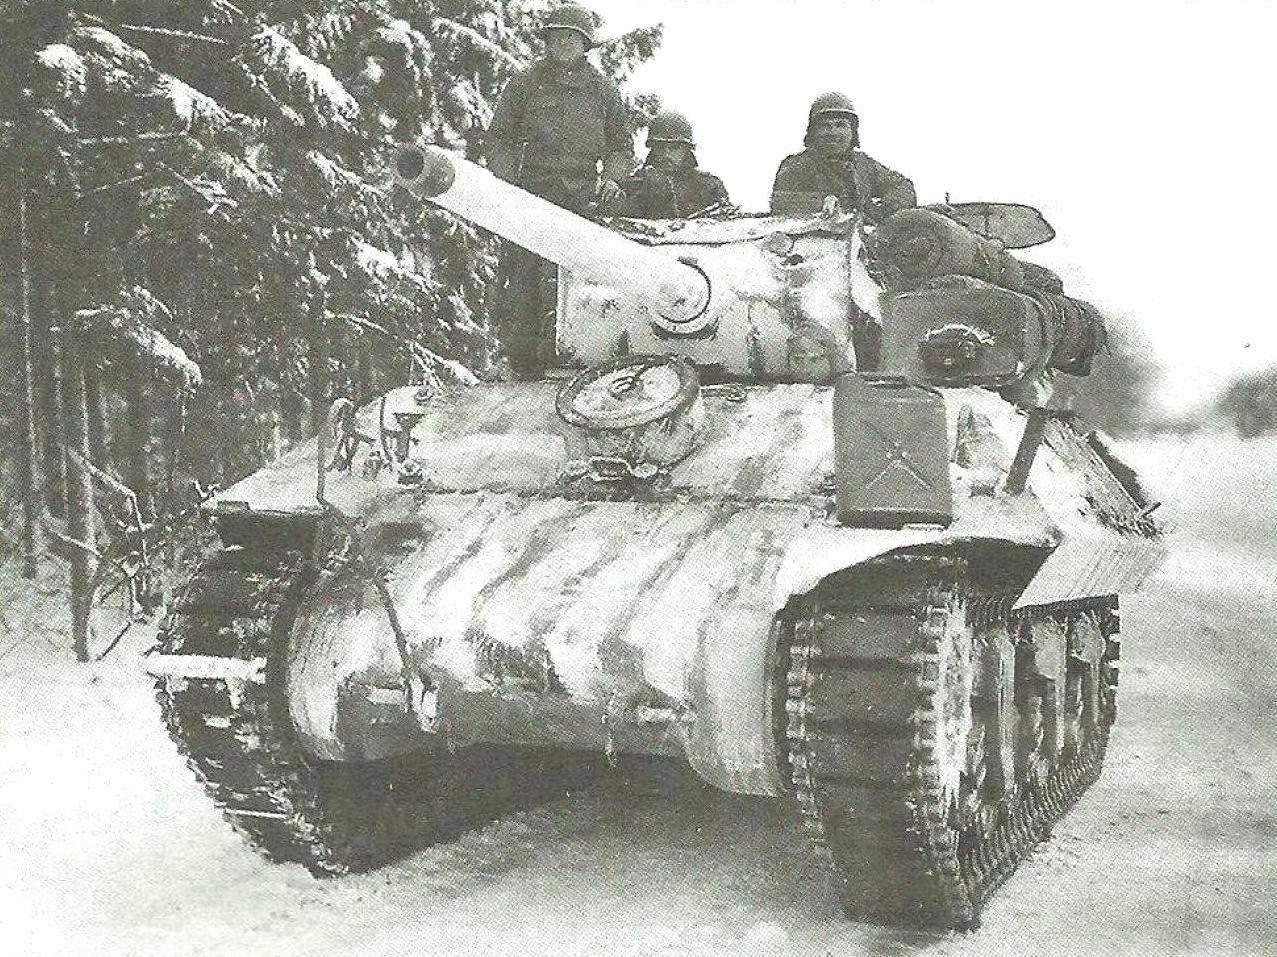 САУ М36 в дозоре на опушке заснеженного леса. Арденны, Бельгия. Декабрь 1944 г.